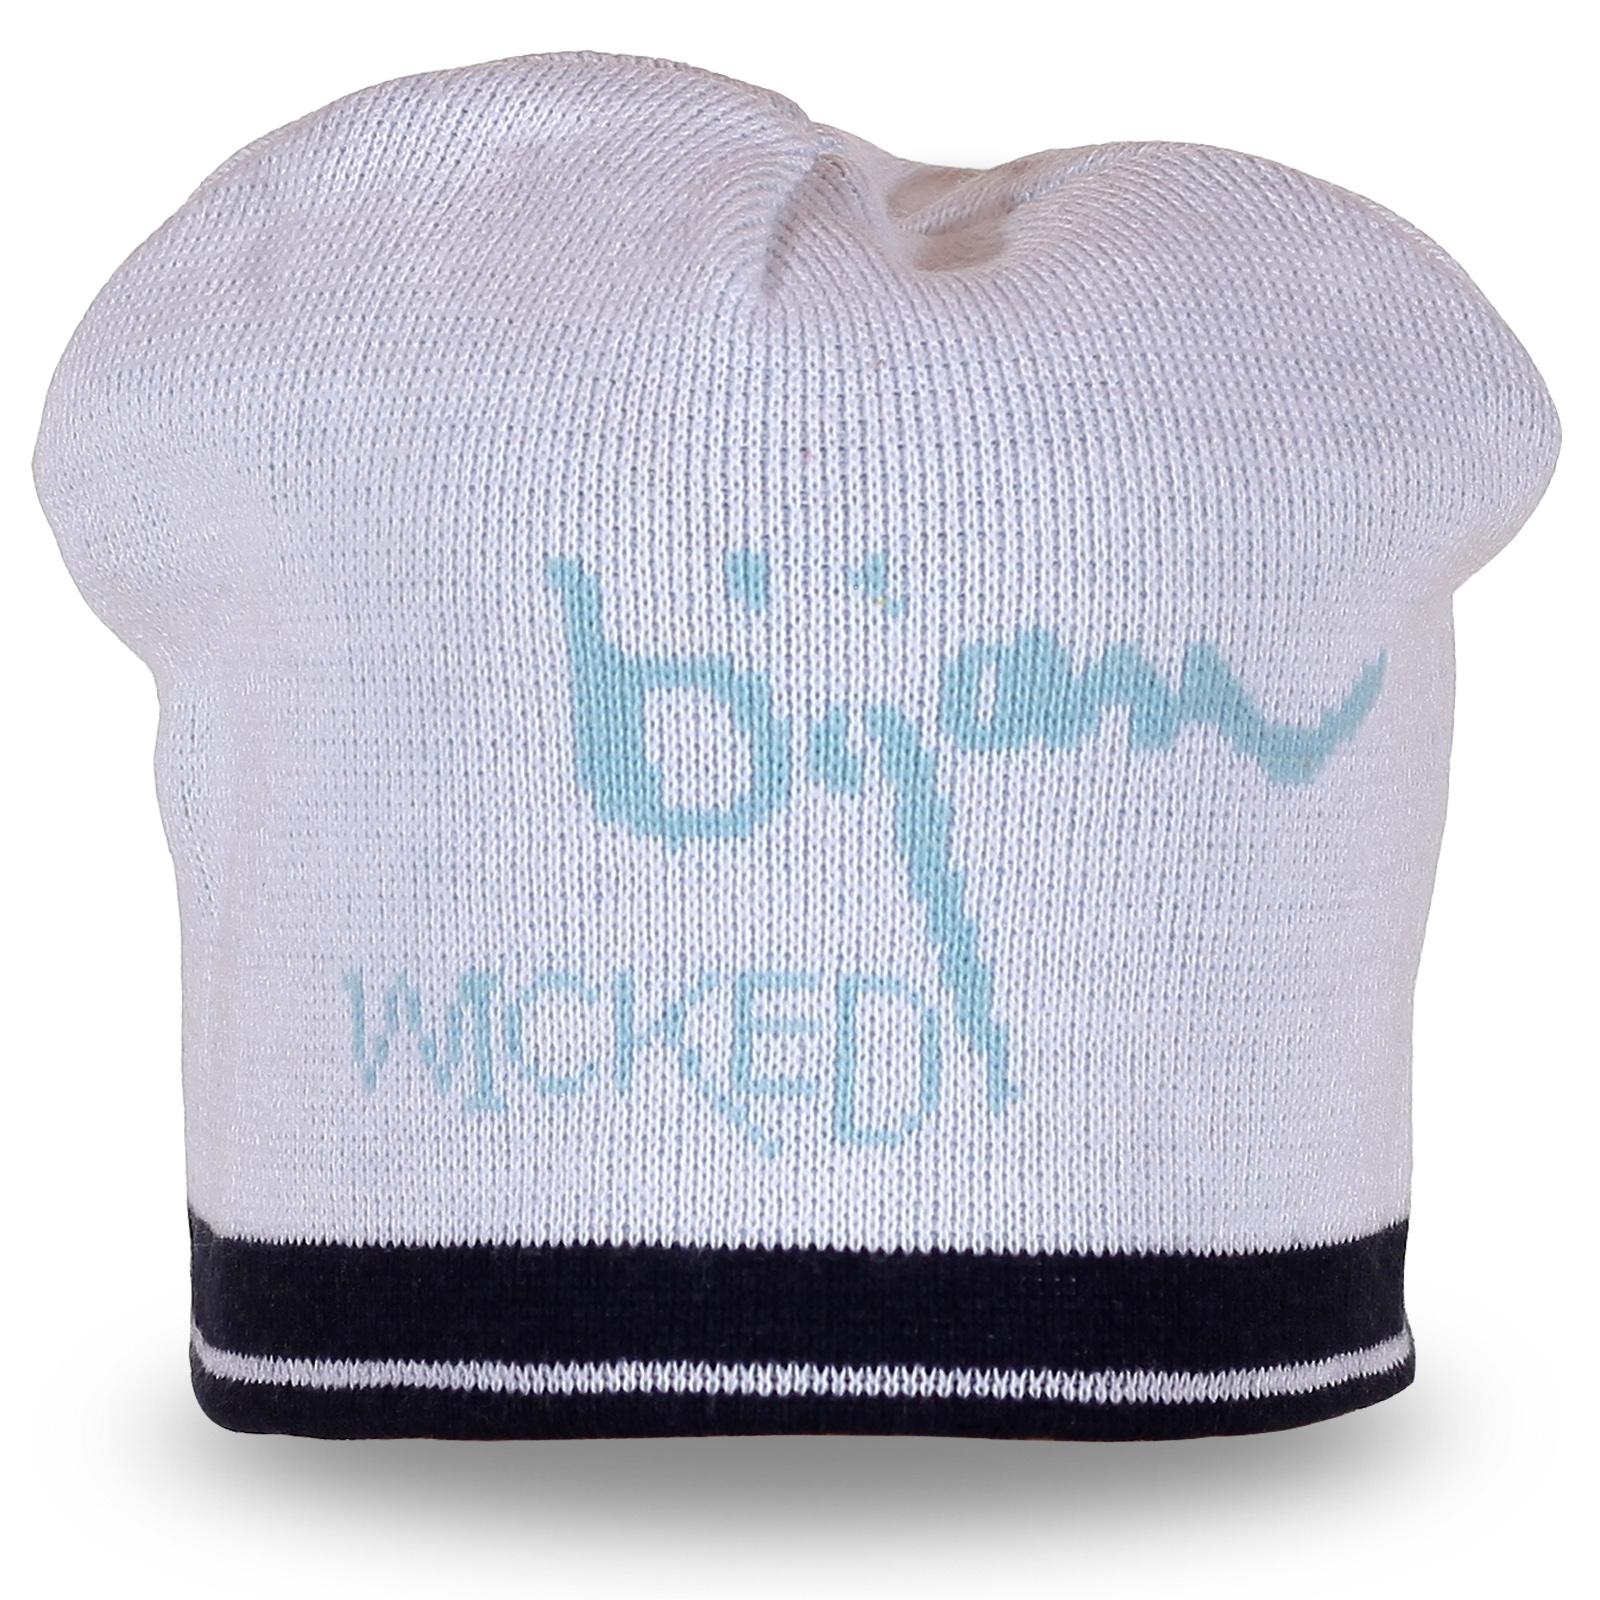 Оригинальная вязаная белая шапка с надписью Wicked